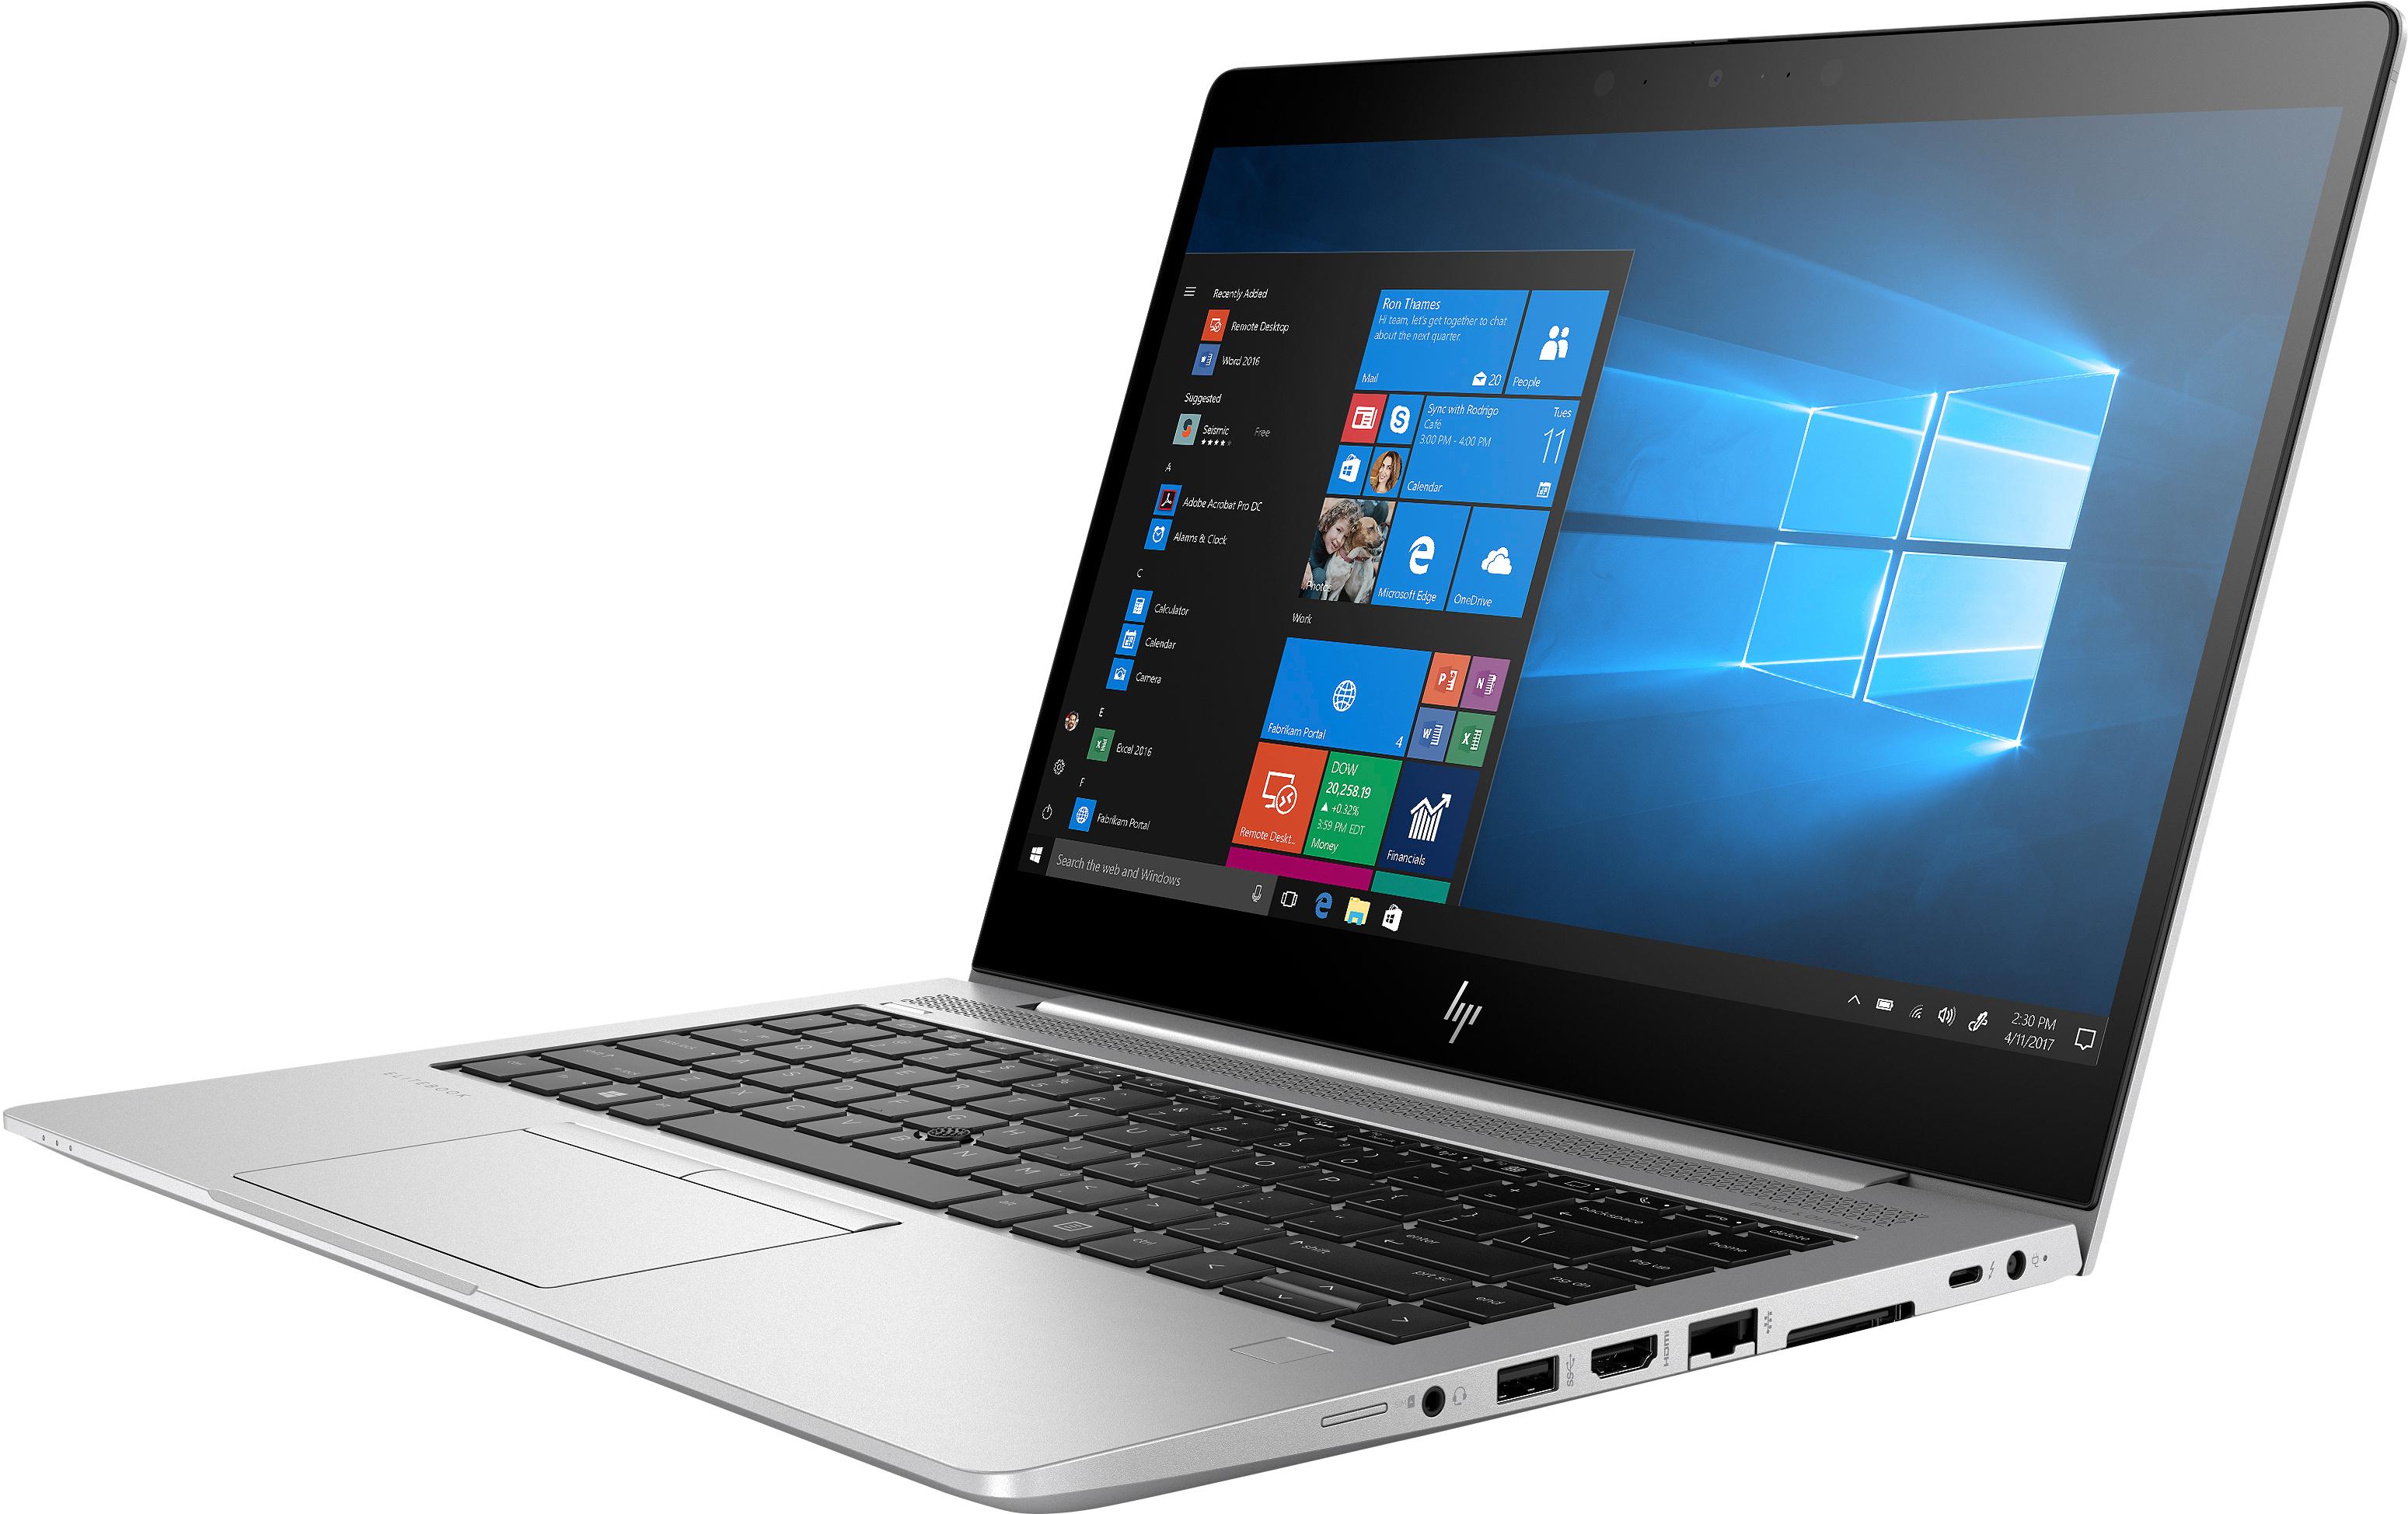 HP EliteBook 840 G6 - Intel® Core™ i5 der achten Generation - 1,6 GHz - 35,6 cm (14 Zoll) - 1920 x 1080 Pixel - 8 GB - 256 GB